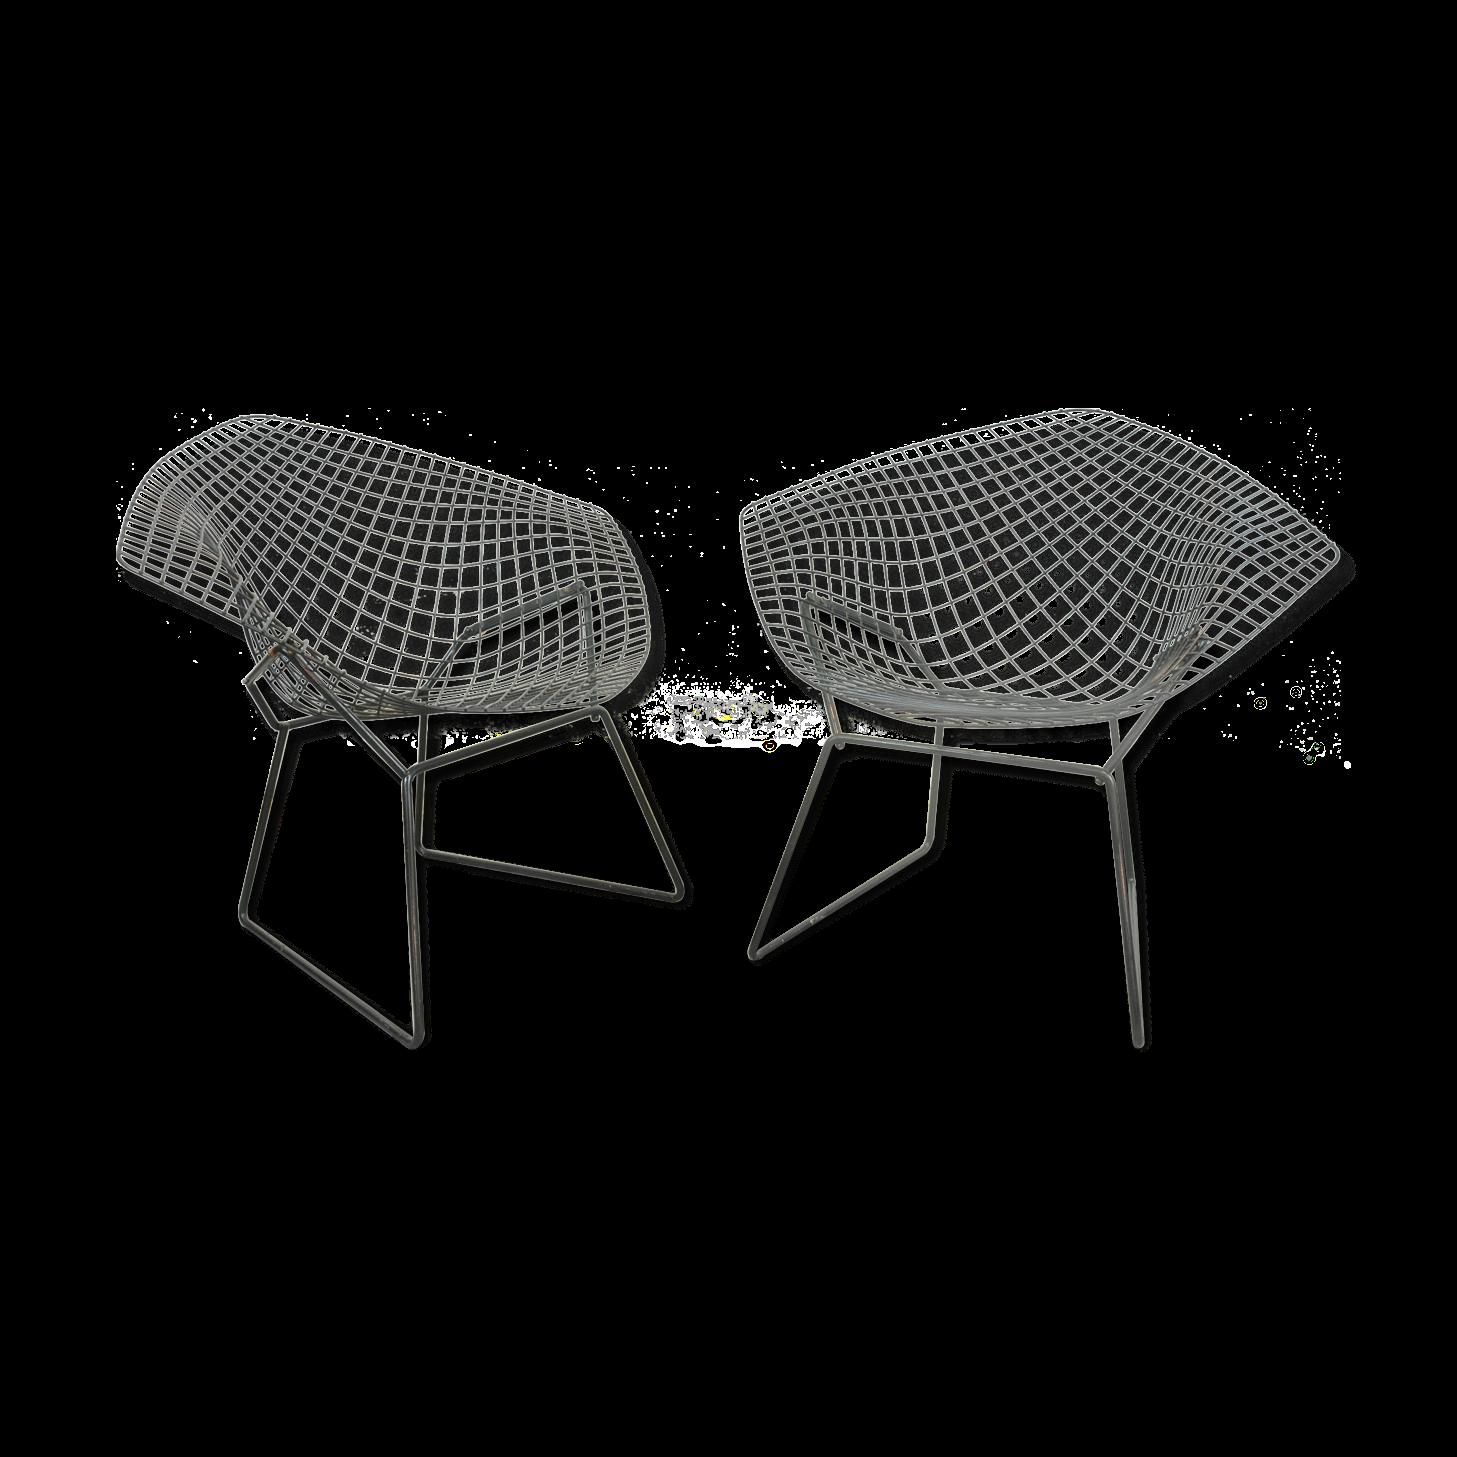 Paire de fauteuils Diamond de Harry Bertoia pour Knoll de 1958